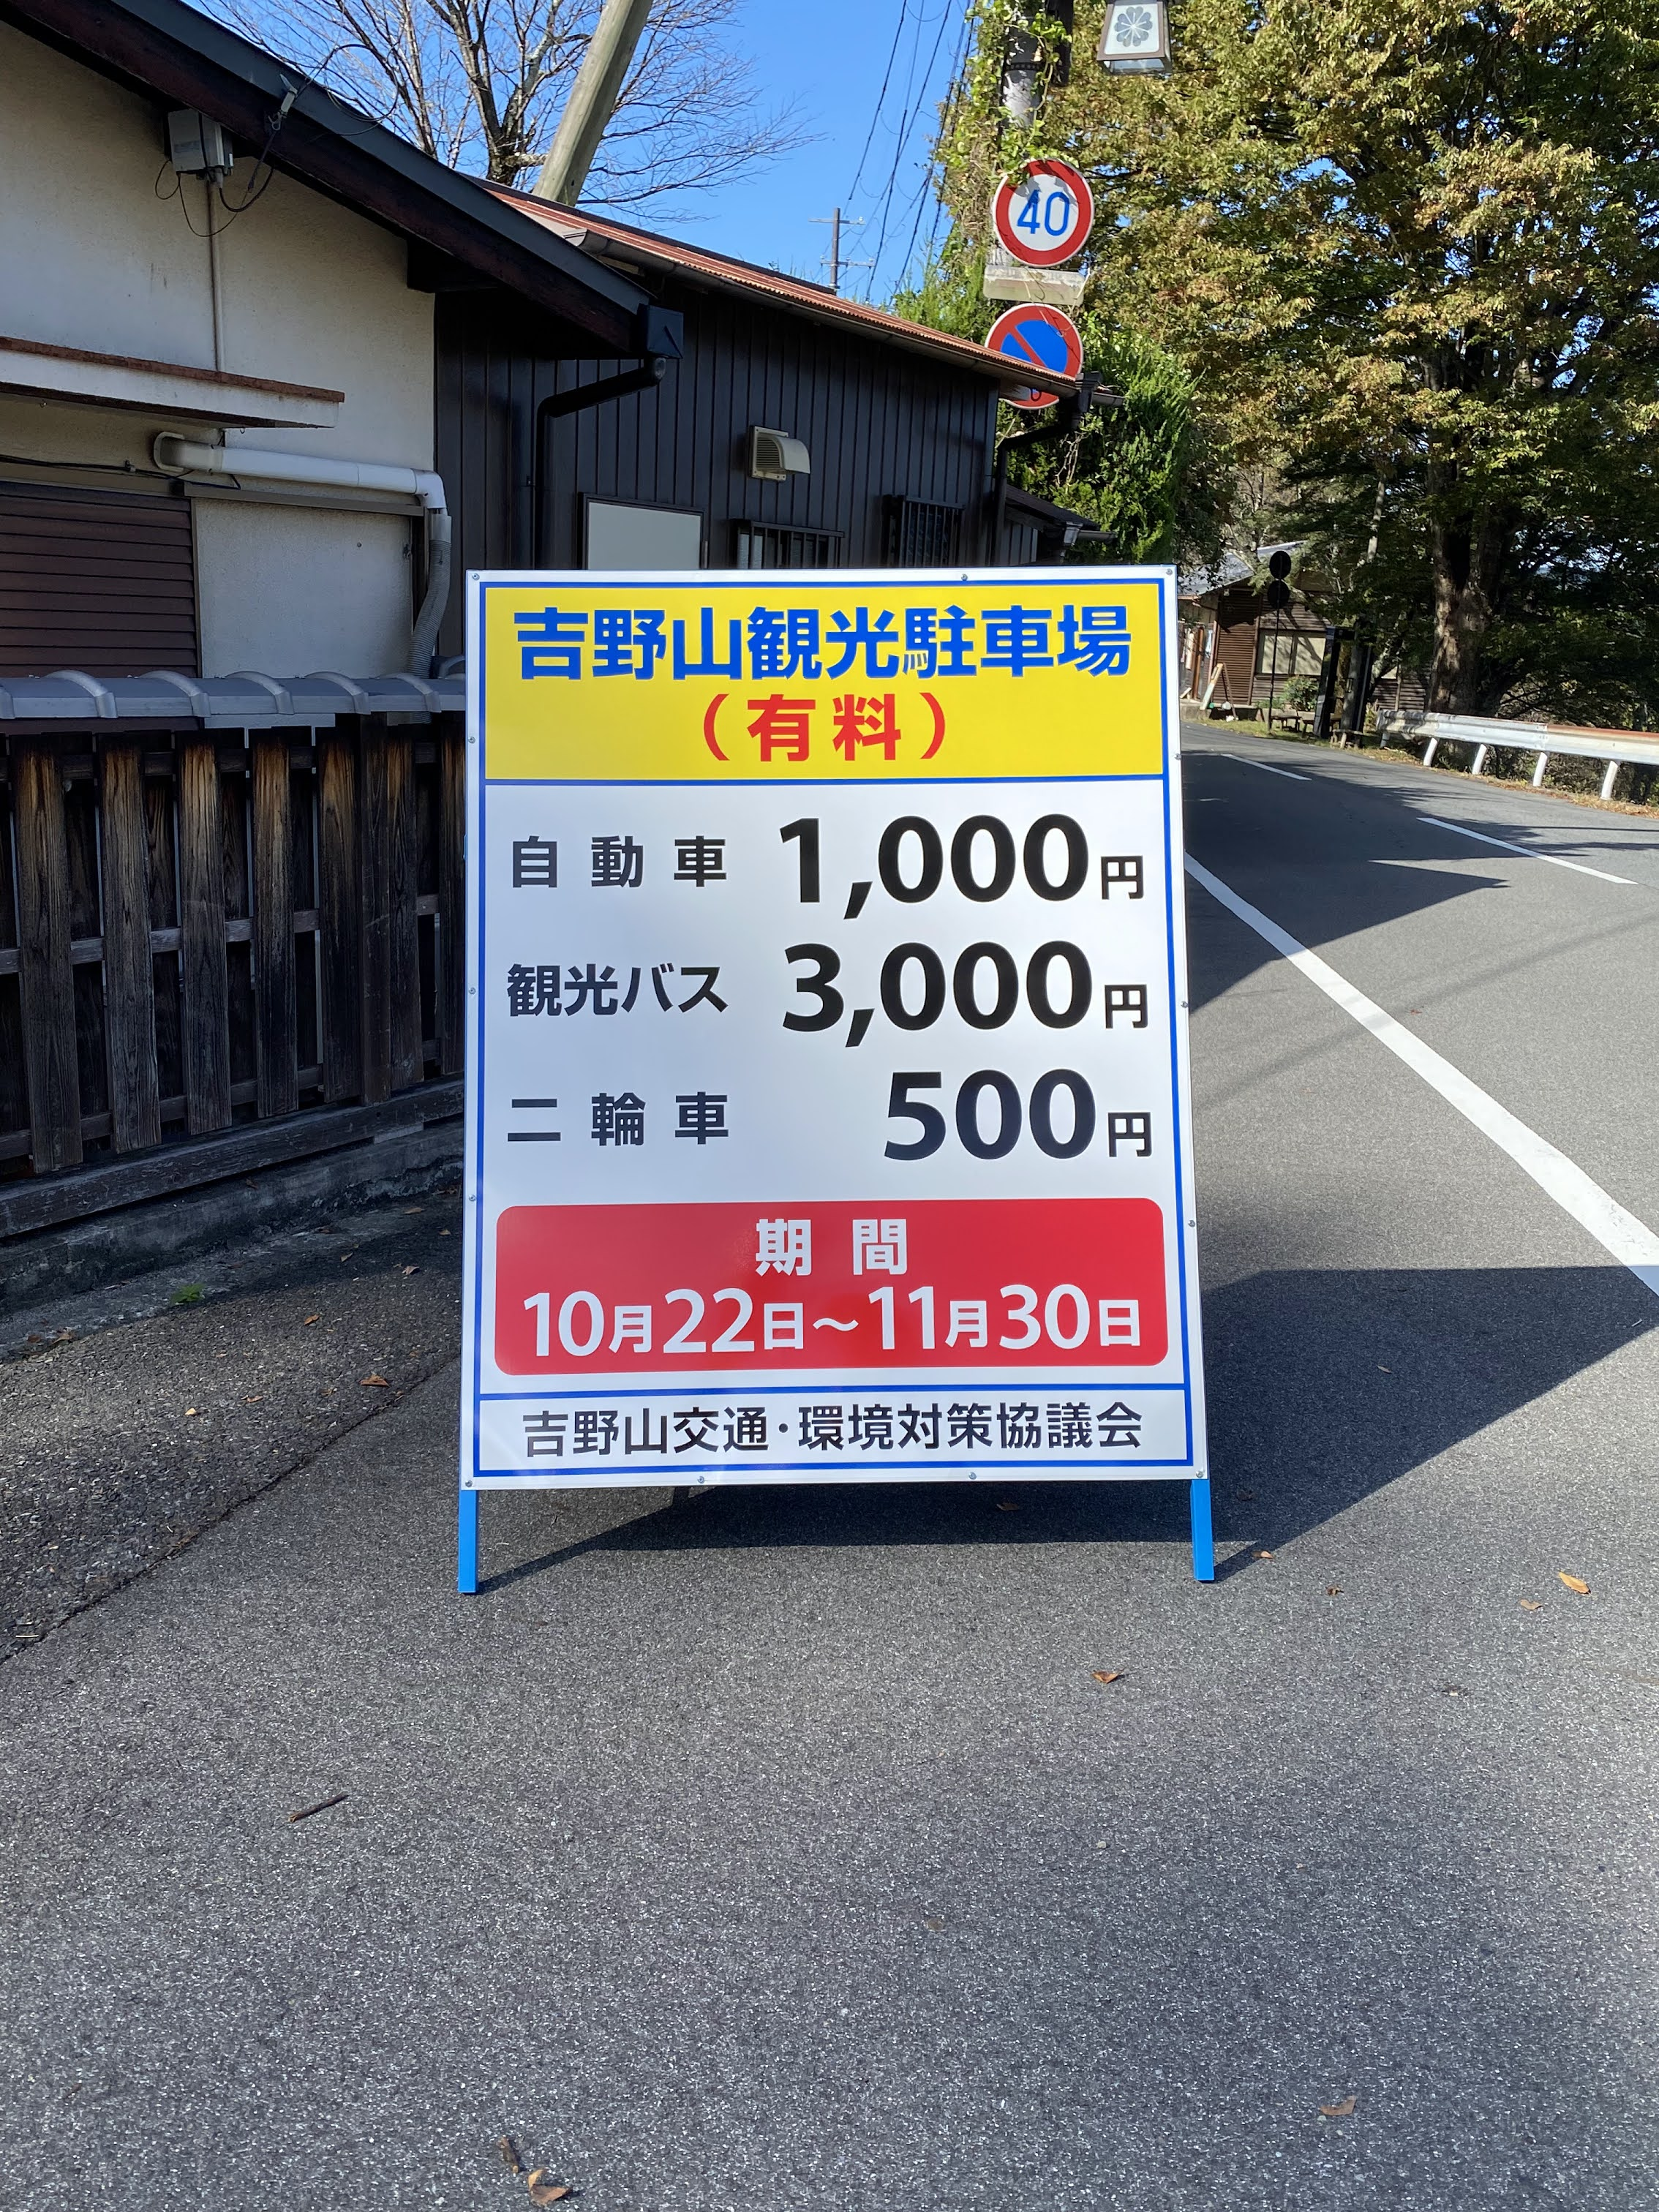 【吉野山情報】紅葉シーズンの交通と駐車場についてお知らせ